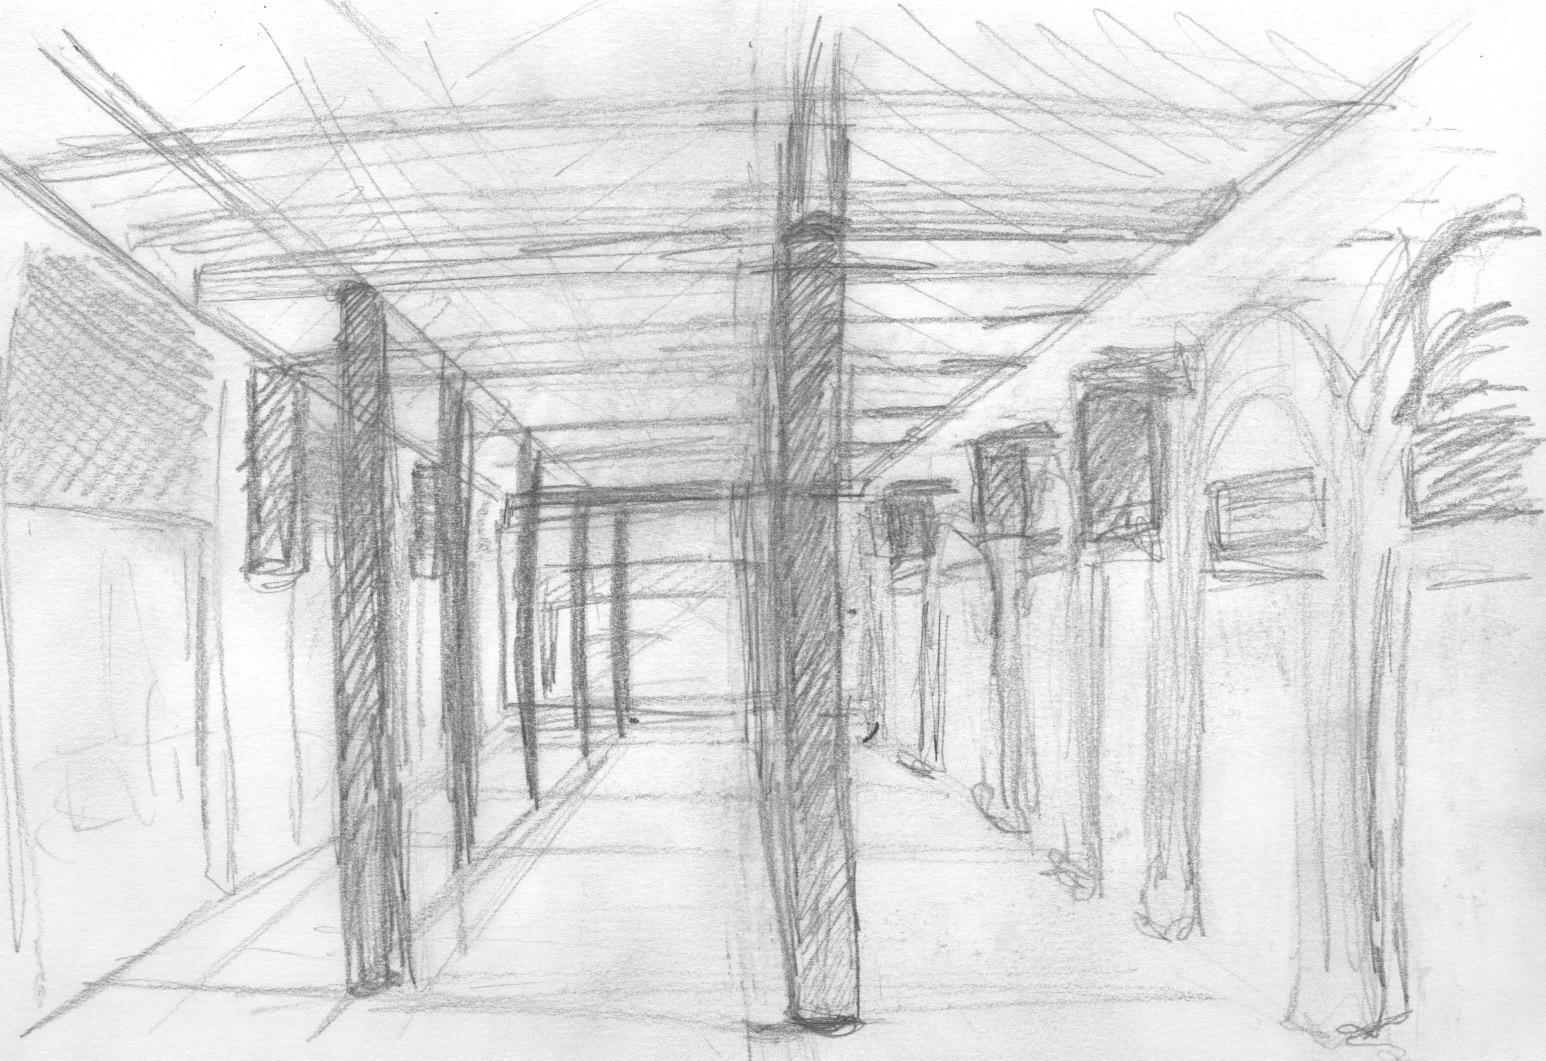 Swindon Designer Outlet: Interior